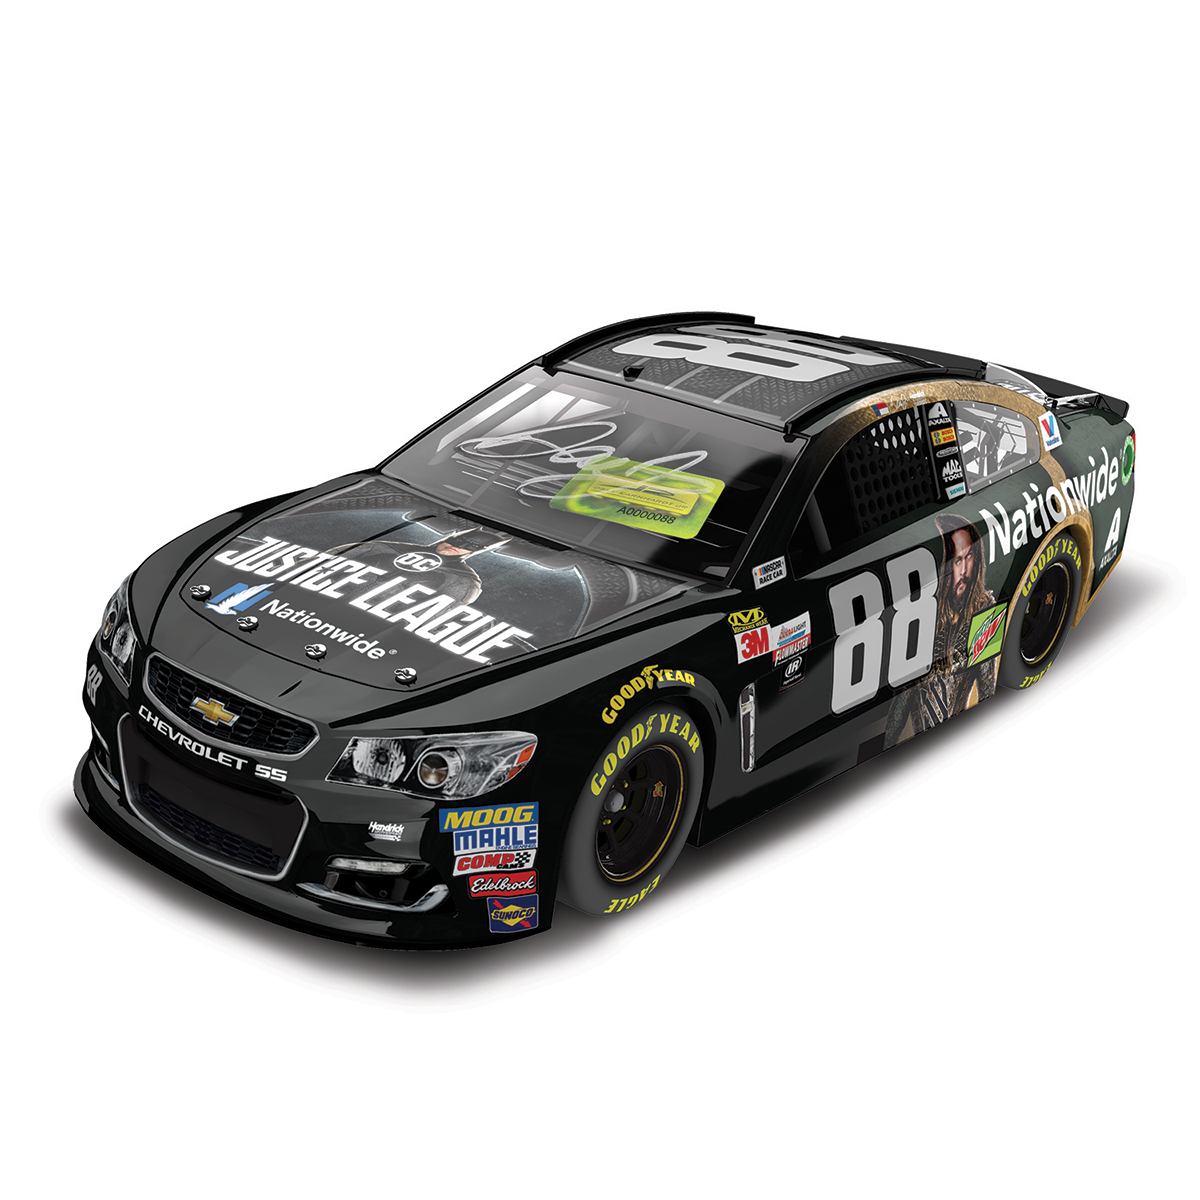 AUTOGRAPHED Dale Earnhardt, Jr. 2017 NASCAR Cup Series No. 88 Nationwide Justice League 1:24 Die-Cast